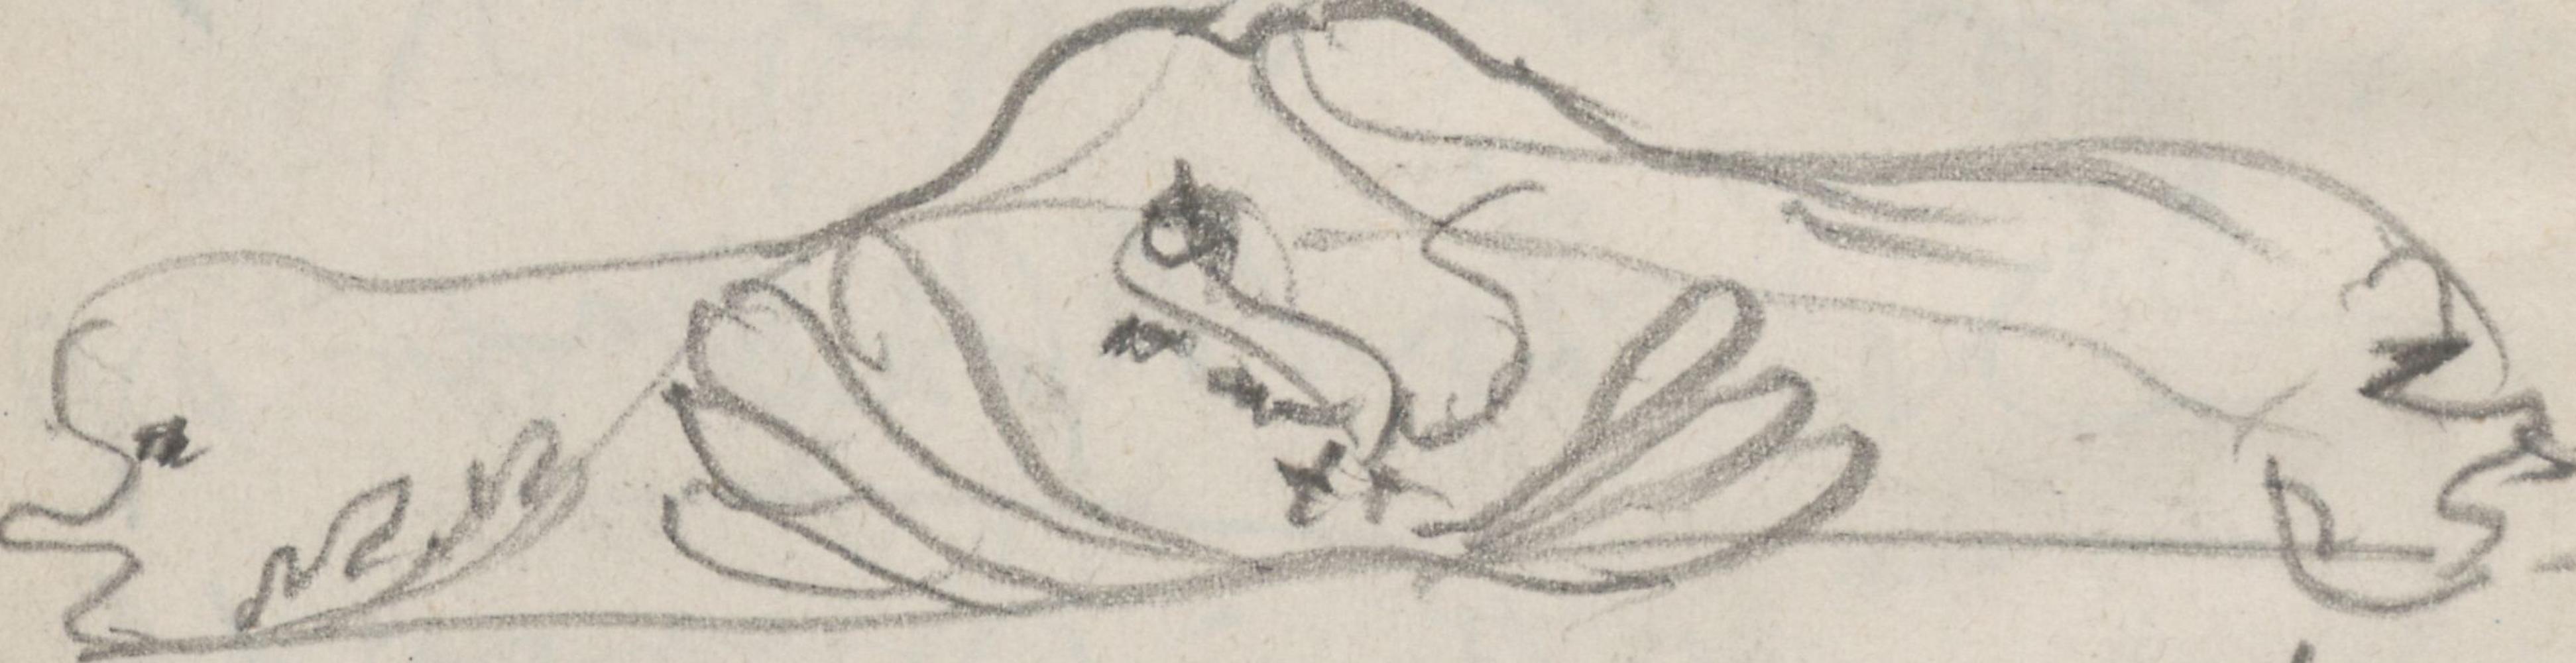 Vorderansicht des Kopfbrettes des sog. sogenanntes Lutherbett [Bett]sogenanntesLutherbett[Bett]falseAnonym/nicht ermitteltLutherbettes in der Lutherstube auf der Wartburg.